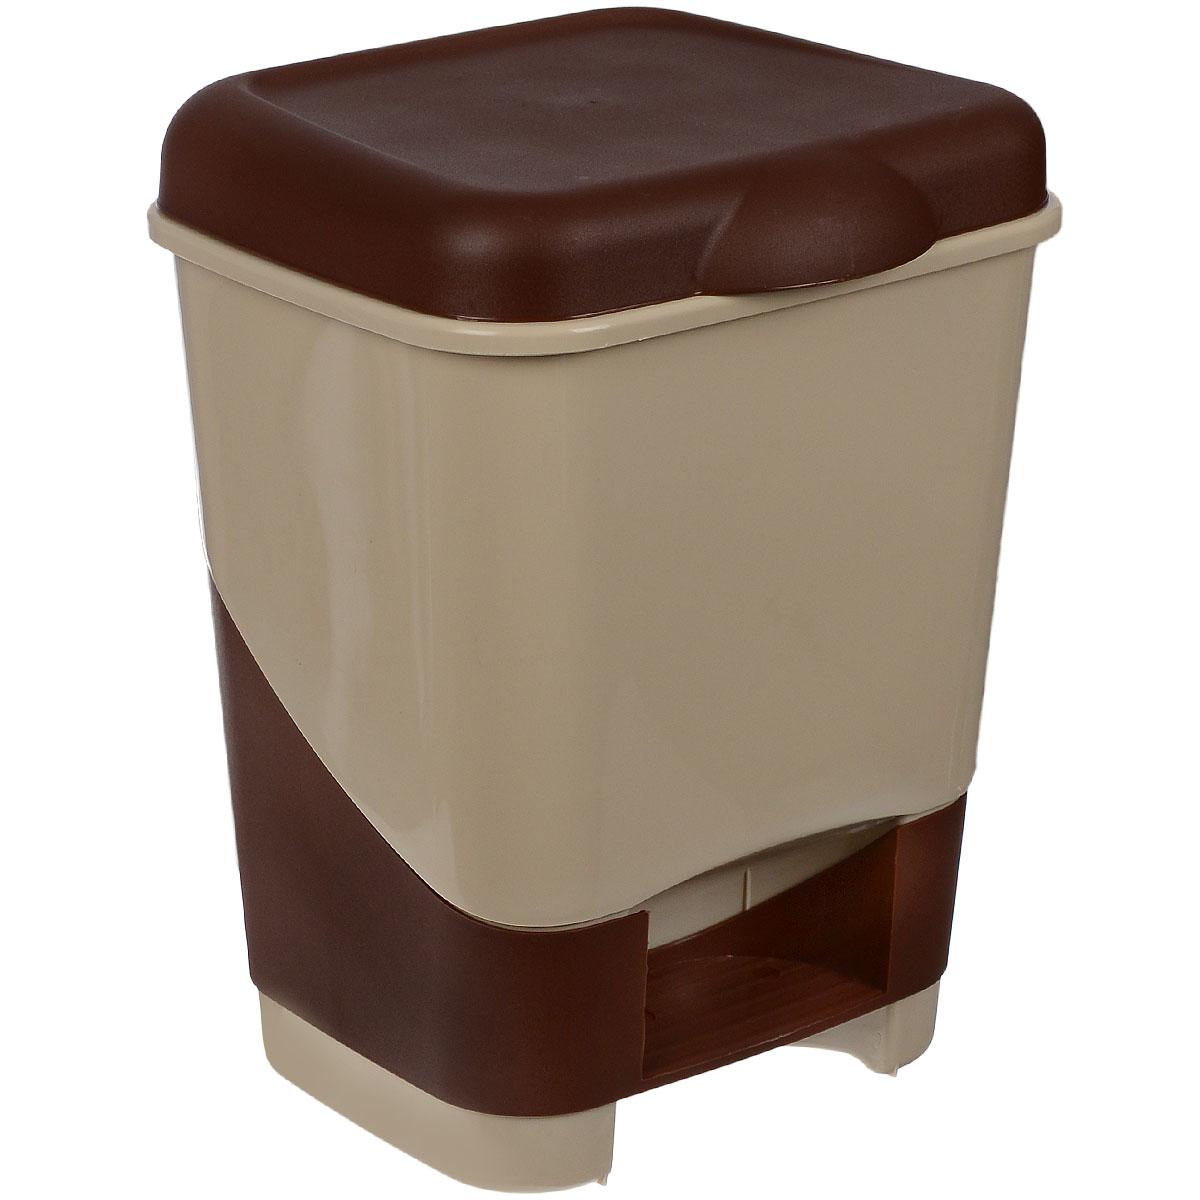 Контейнер для мусора Полимербыт, с педалью, цвет: бежевый, коричневый, 20 лС428Контейнер для мусора Полимербыт изготовлен из высококачественного цветного пластика. Контейнер оснащен педалью, с помощью которой можно открыть крышку. Крышка плотно прилегает, предотвращая распространение запаха. Бороться с мелким мусором станет легко. Контейнер для мусора Полимербыт - это не только емкость для хранения мусора, но и яркий предмет декора, который оригинально украсит интерьер кухни или ванной комнаты.